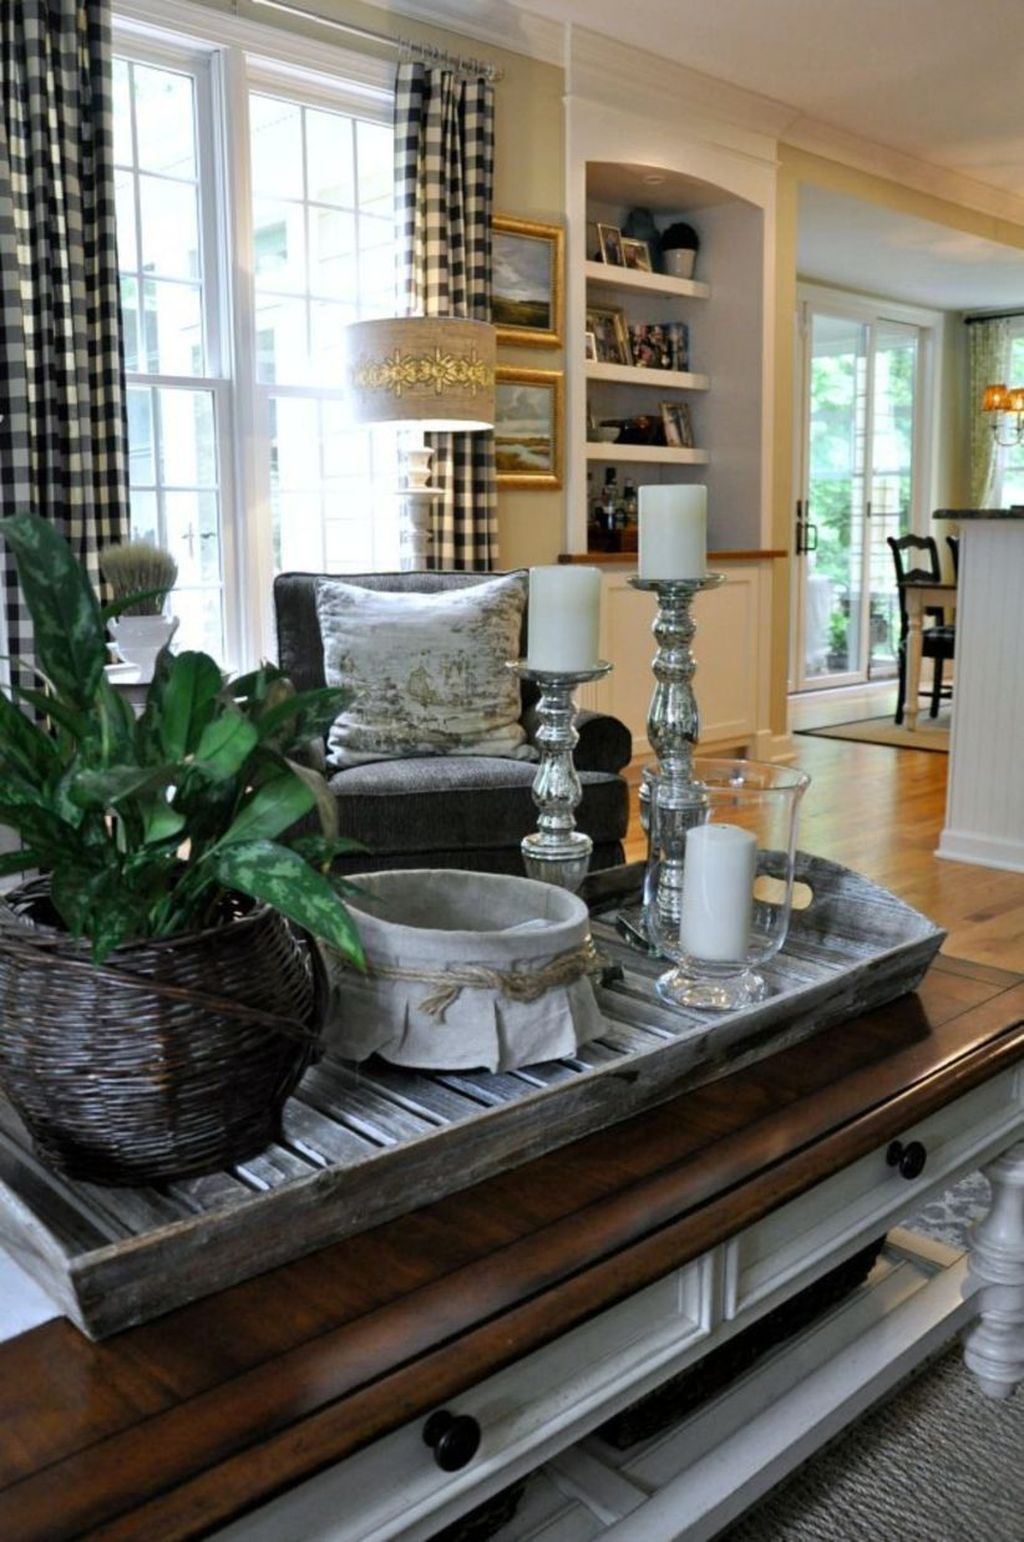 Inspiring Fall Living Room Decor Ideas On A Budget 10